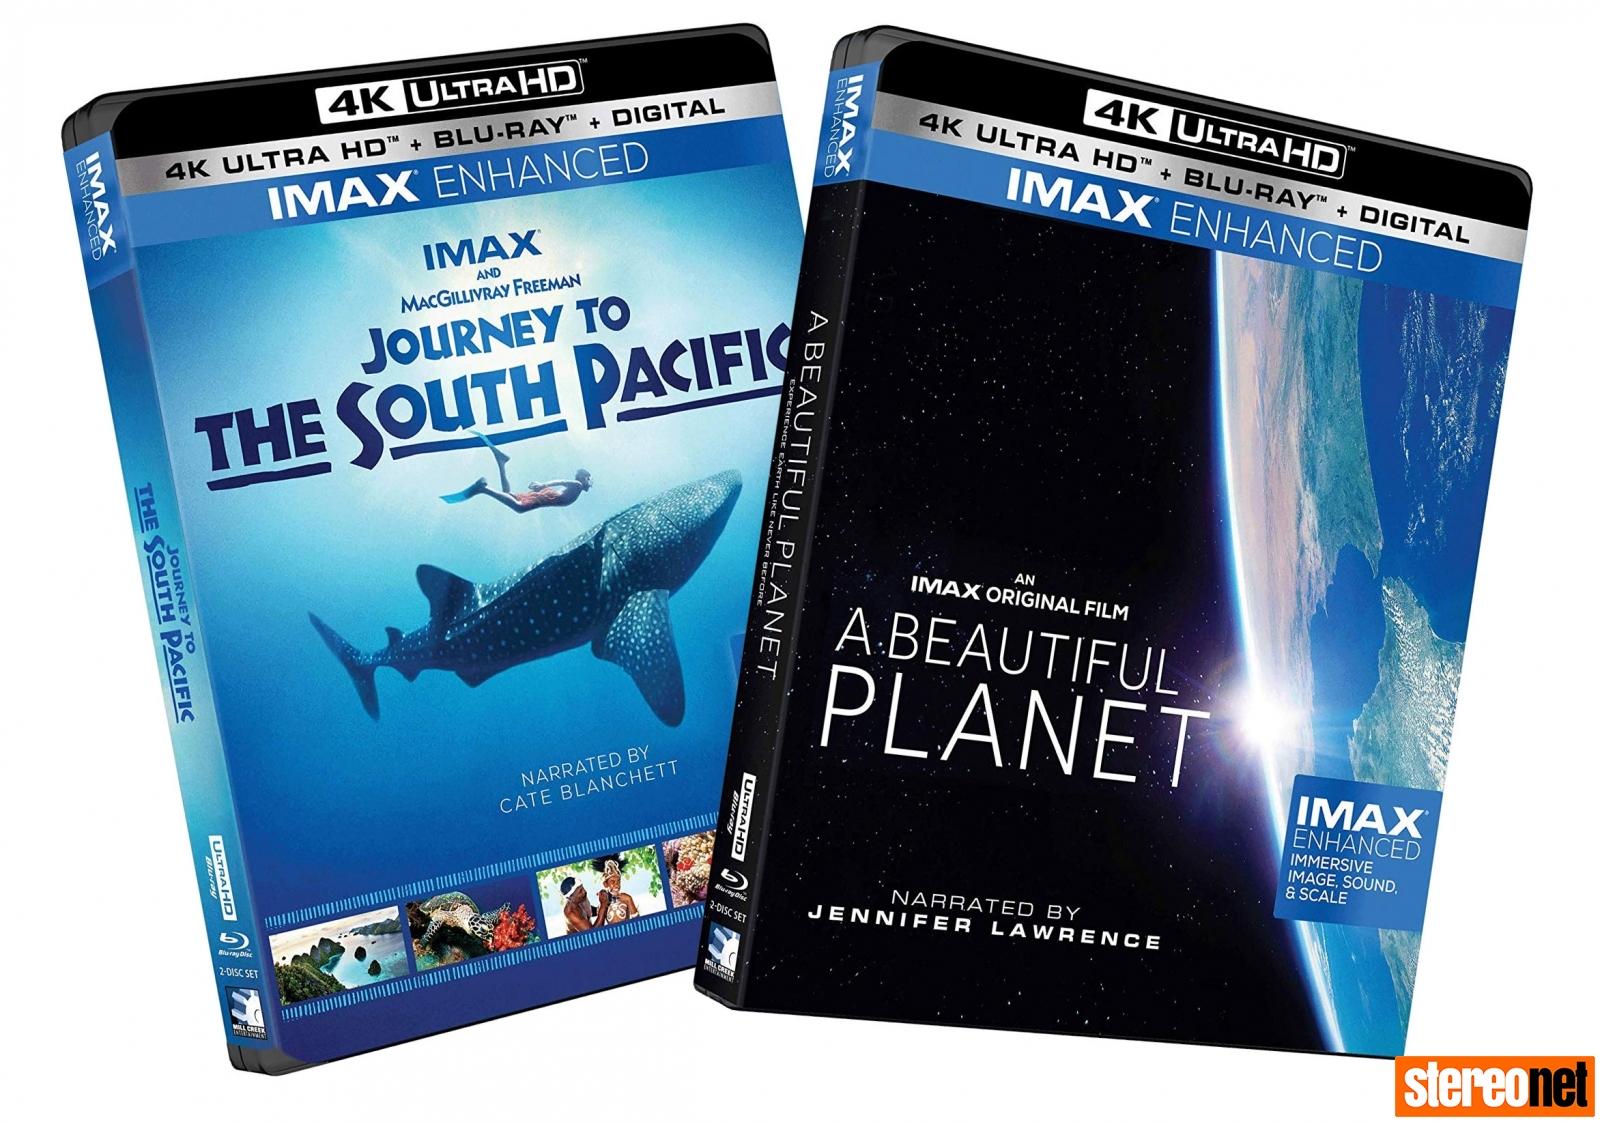 IMAX Enhanced 4K Blu-ray